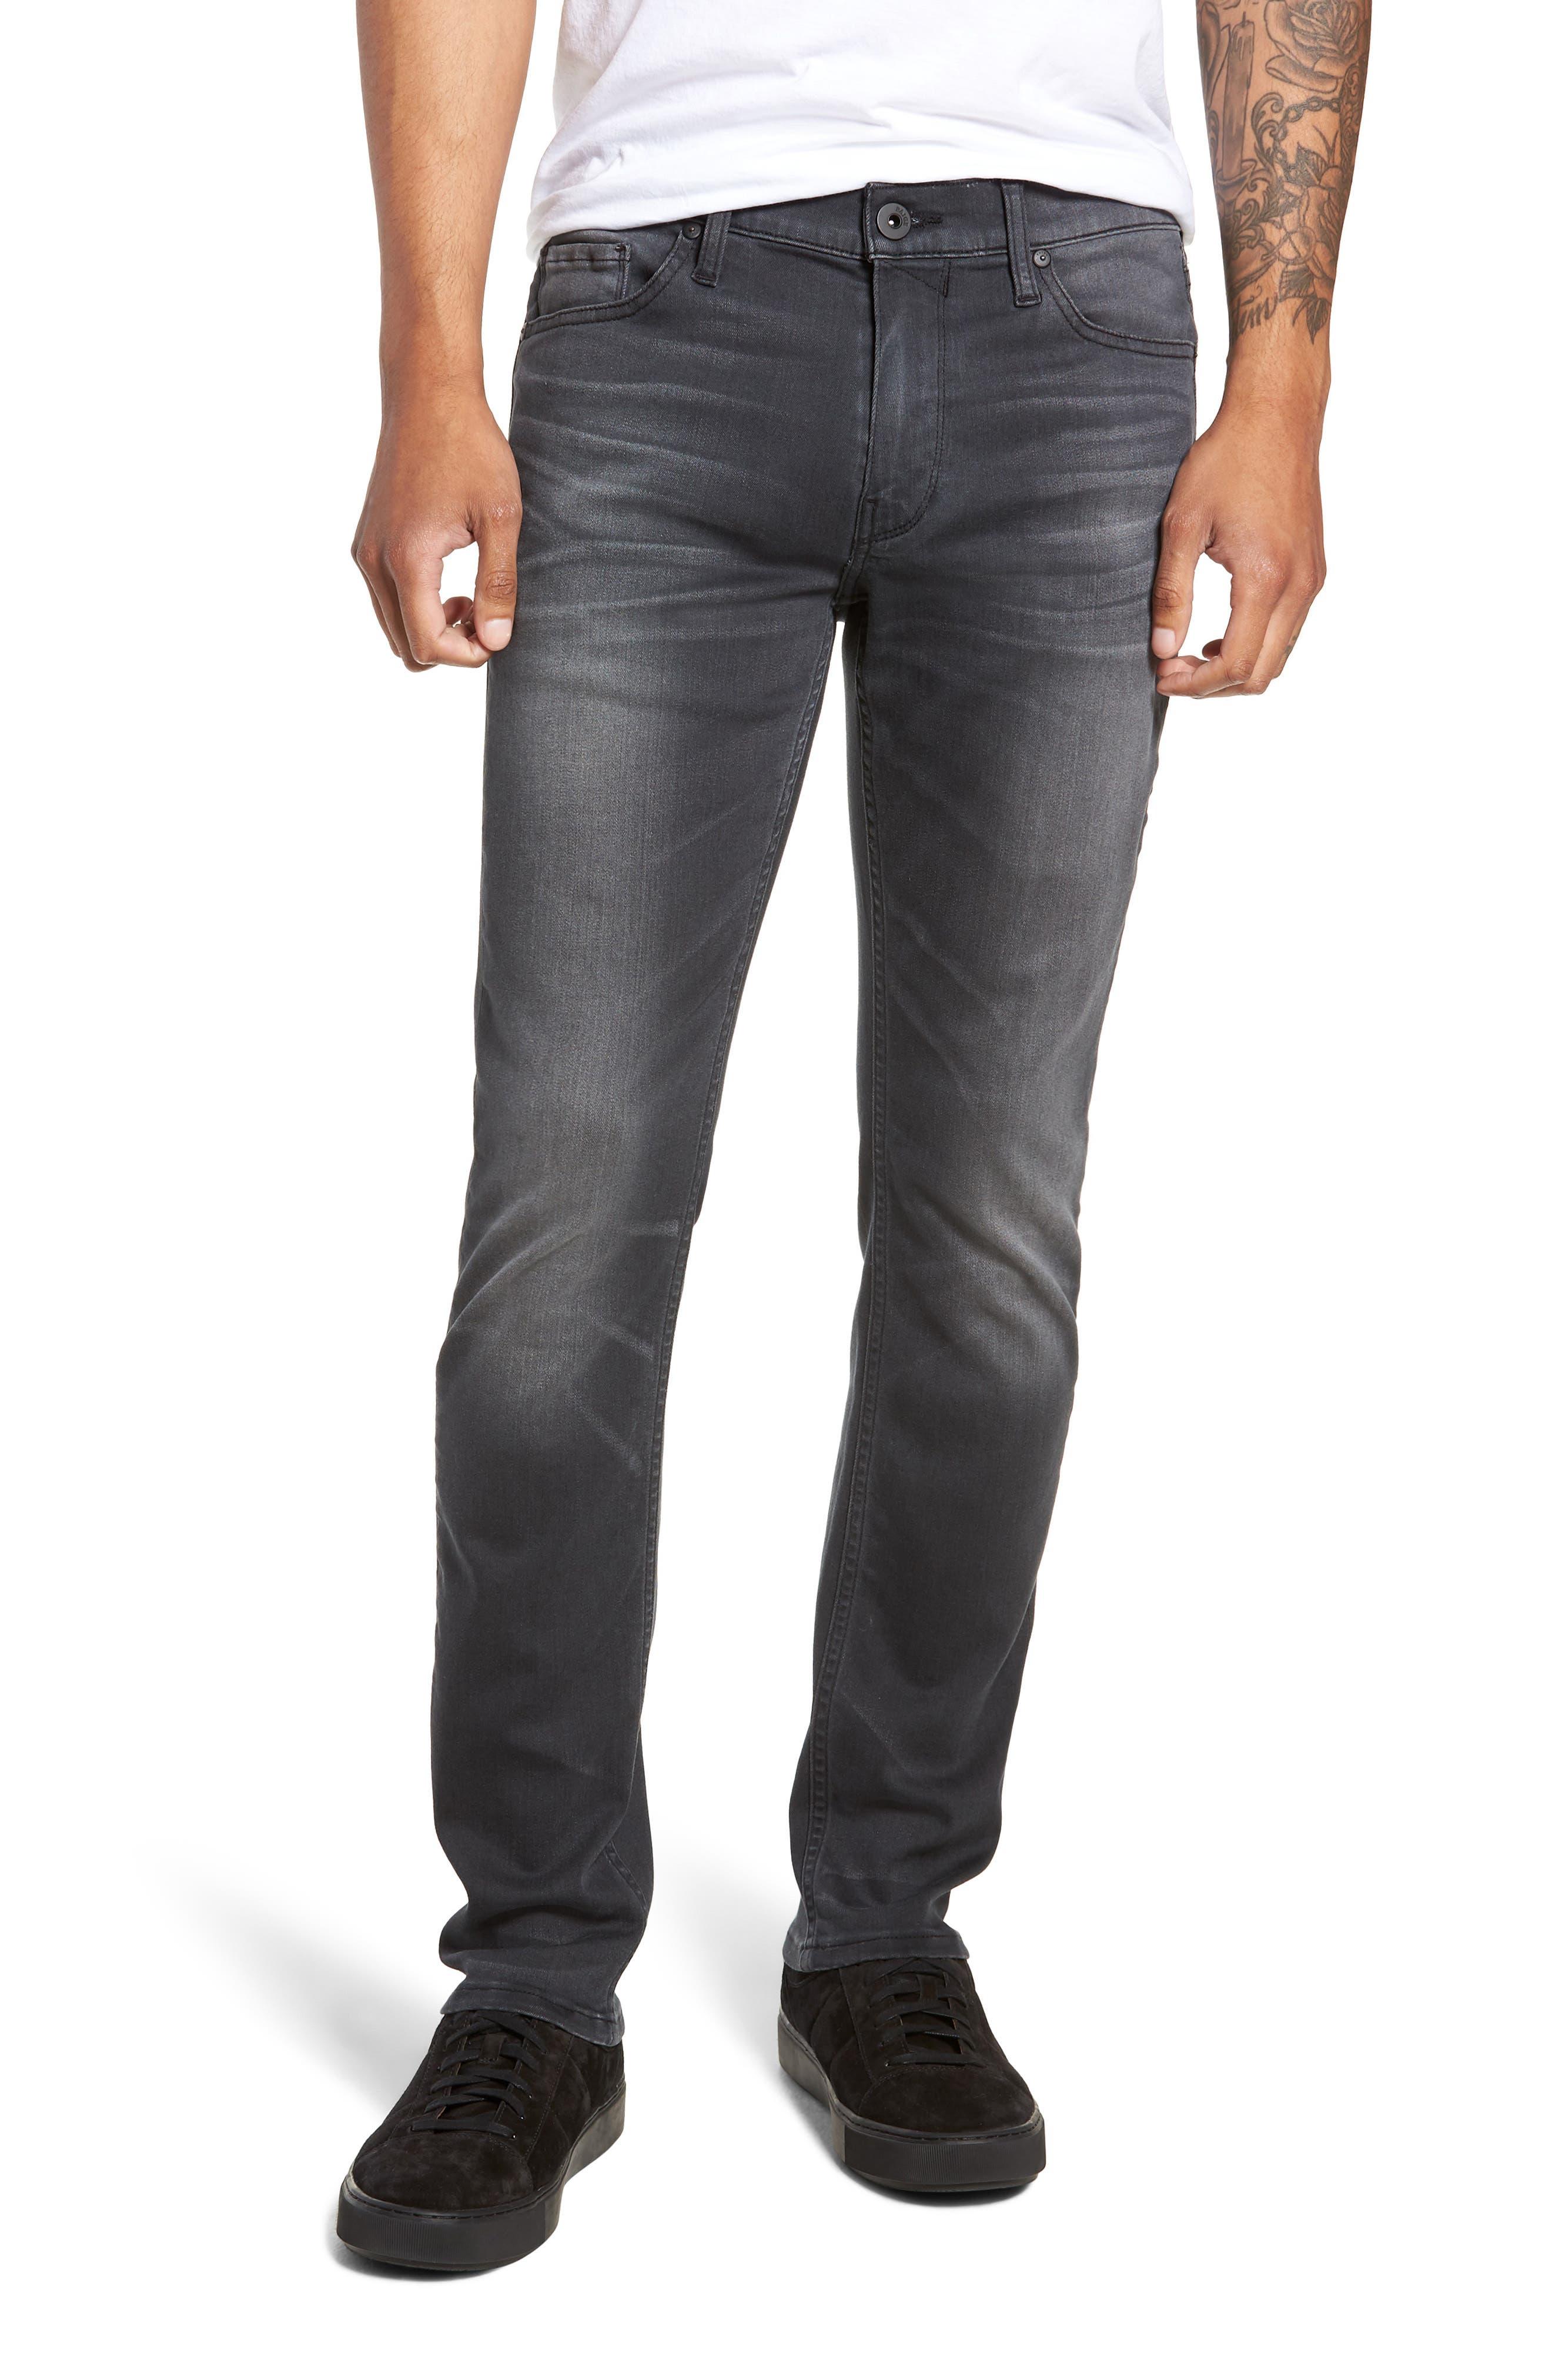 Transcend - Normandie Straight Leg Jeans,                         Main,                         color, SHELDON